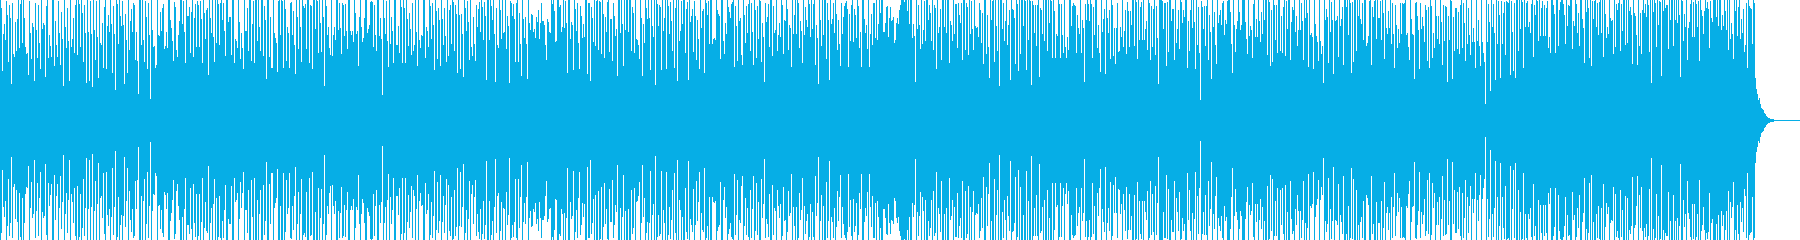 ロシア民族音楽のような楽しい音楽の再生済みの波形